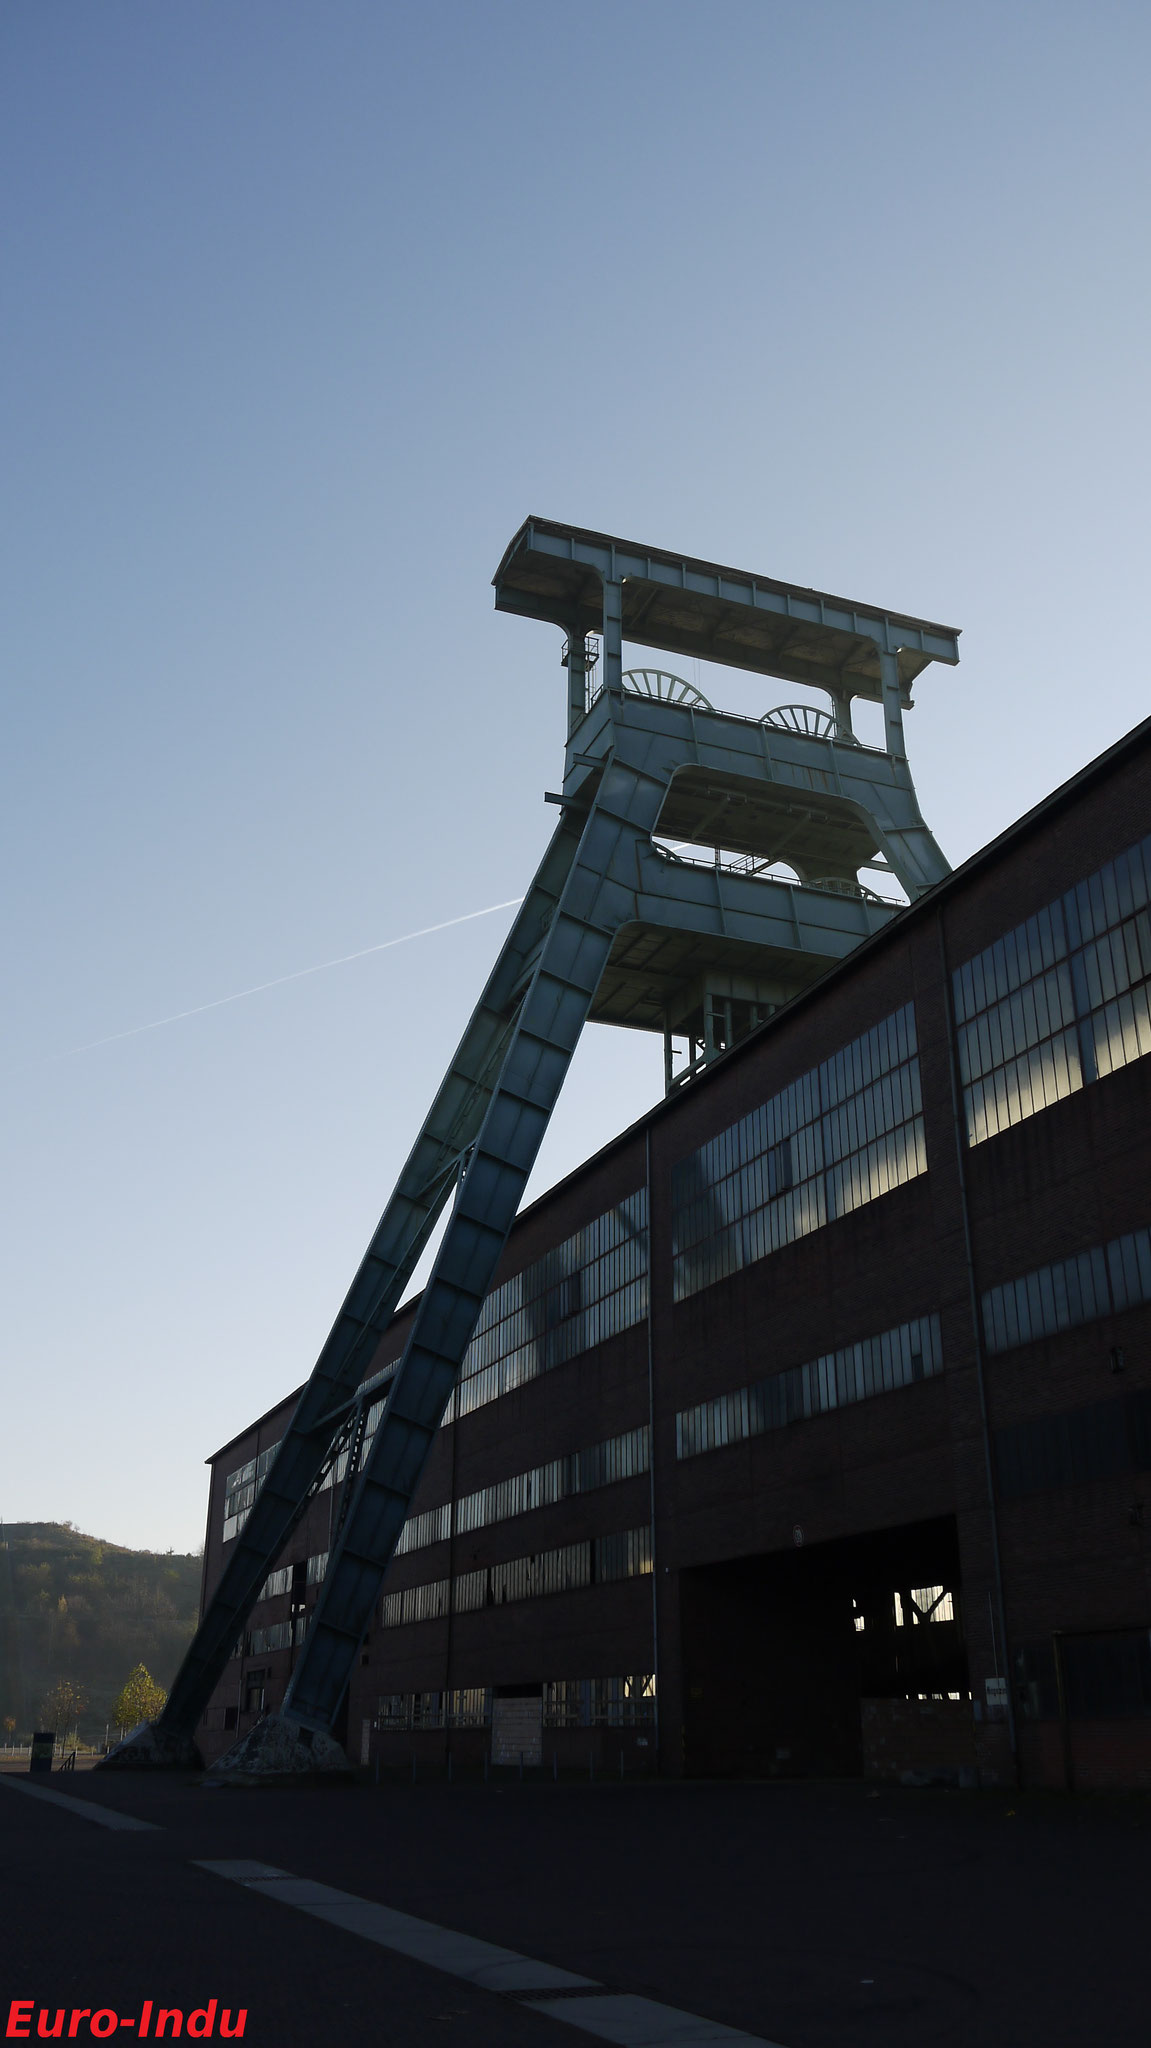 Schachthalle,Magazin, Doppelbockgerüst(50m hoch) über Schacht 7, 2010